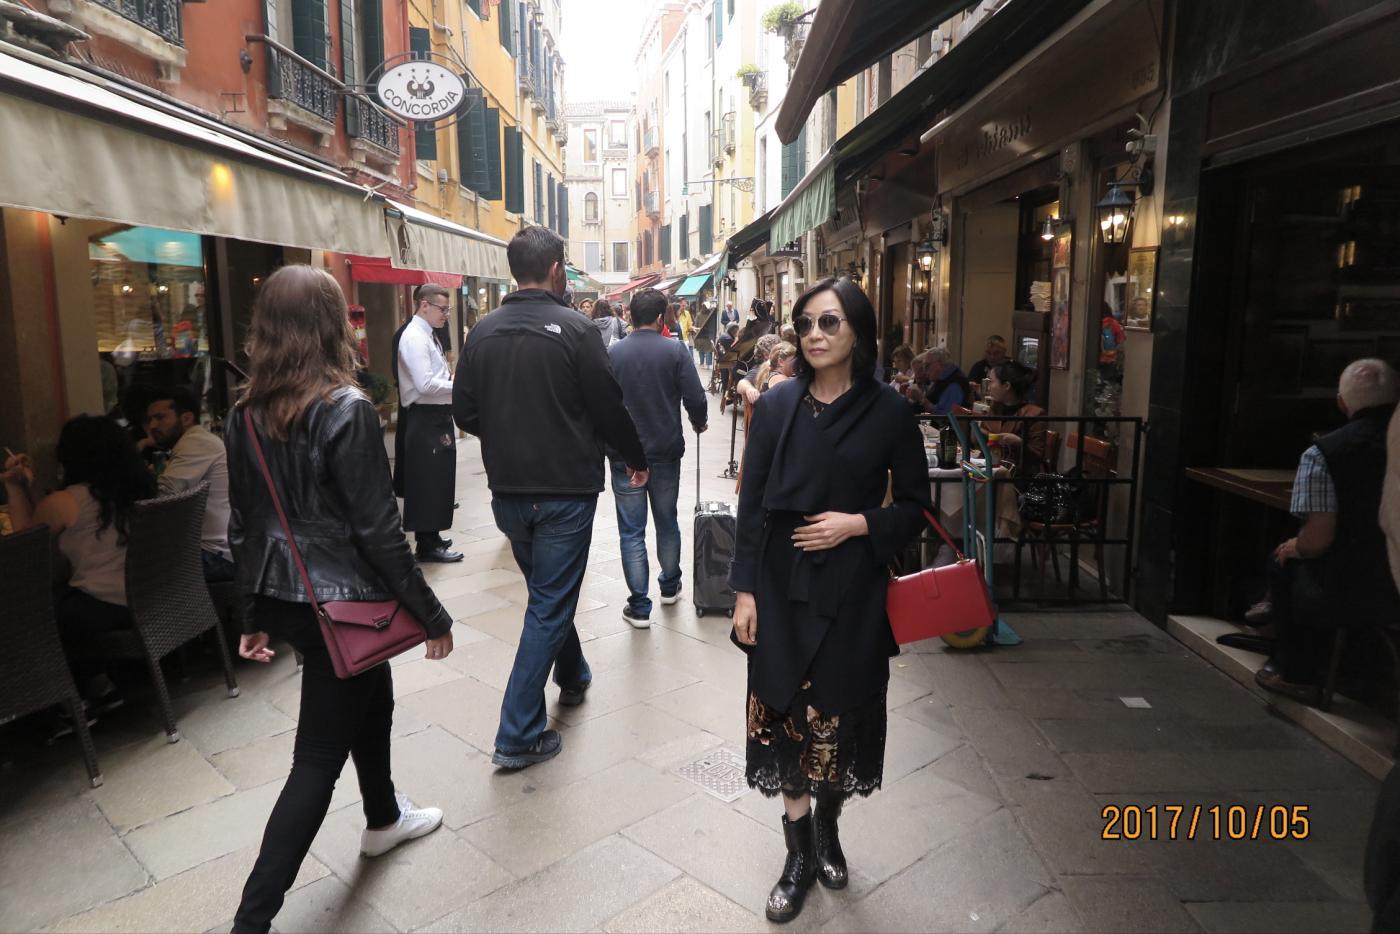 水乡威尼斯:无限的魅力永久的回忆_图1-40